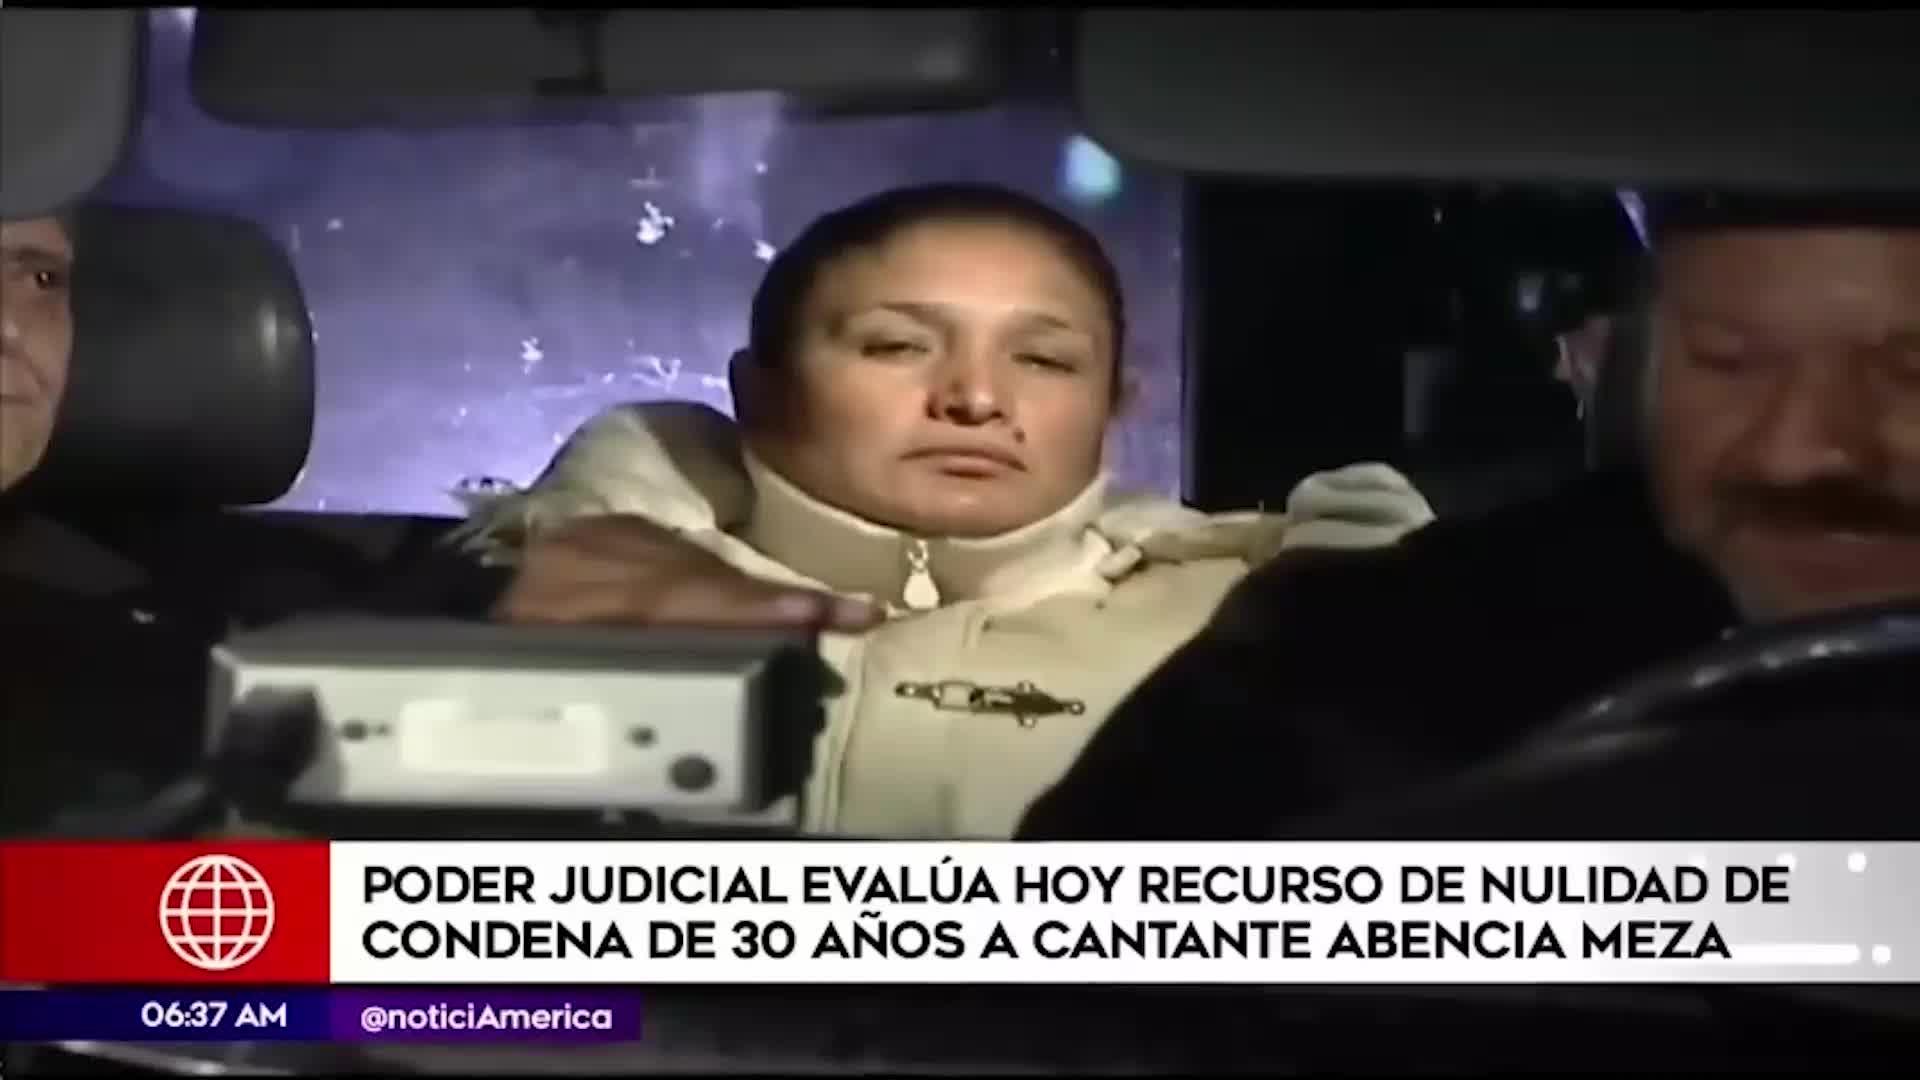 Corte suprema evalúa nulidad de sentencia de 30 años de prisión de Abencia Meza